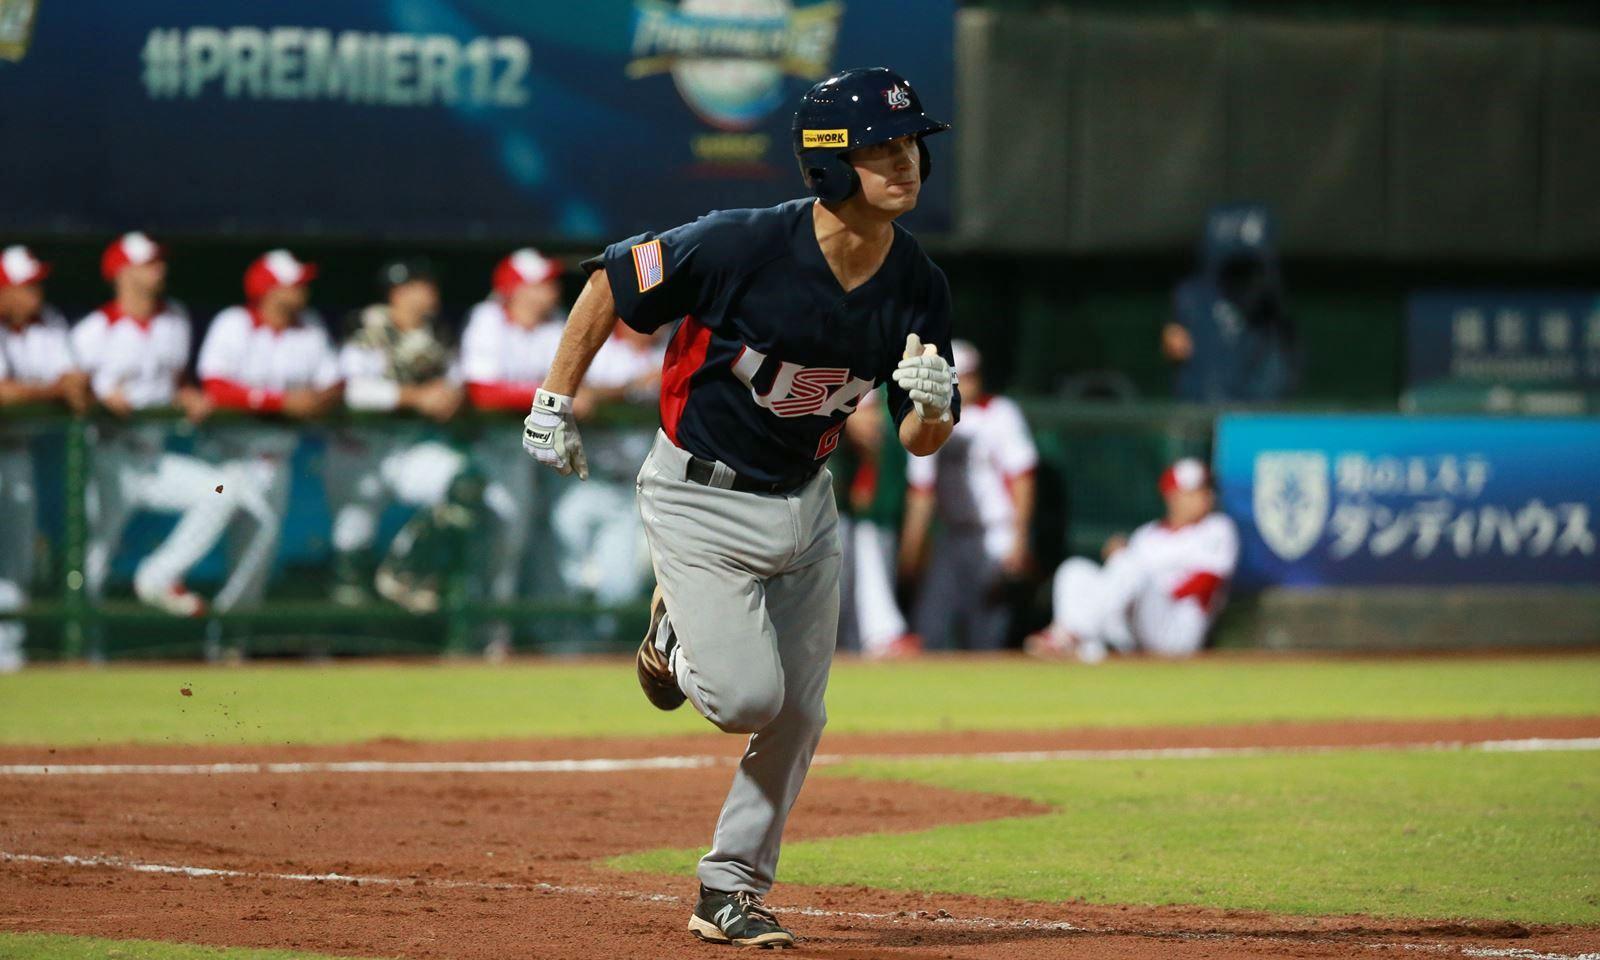 Estrella del Premier12 WBSC Adam Frazier debuta en la MLB, da sencillo en primer turno al bate